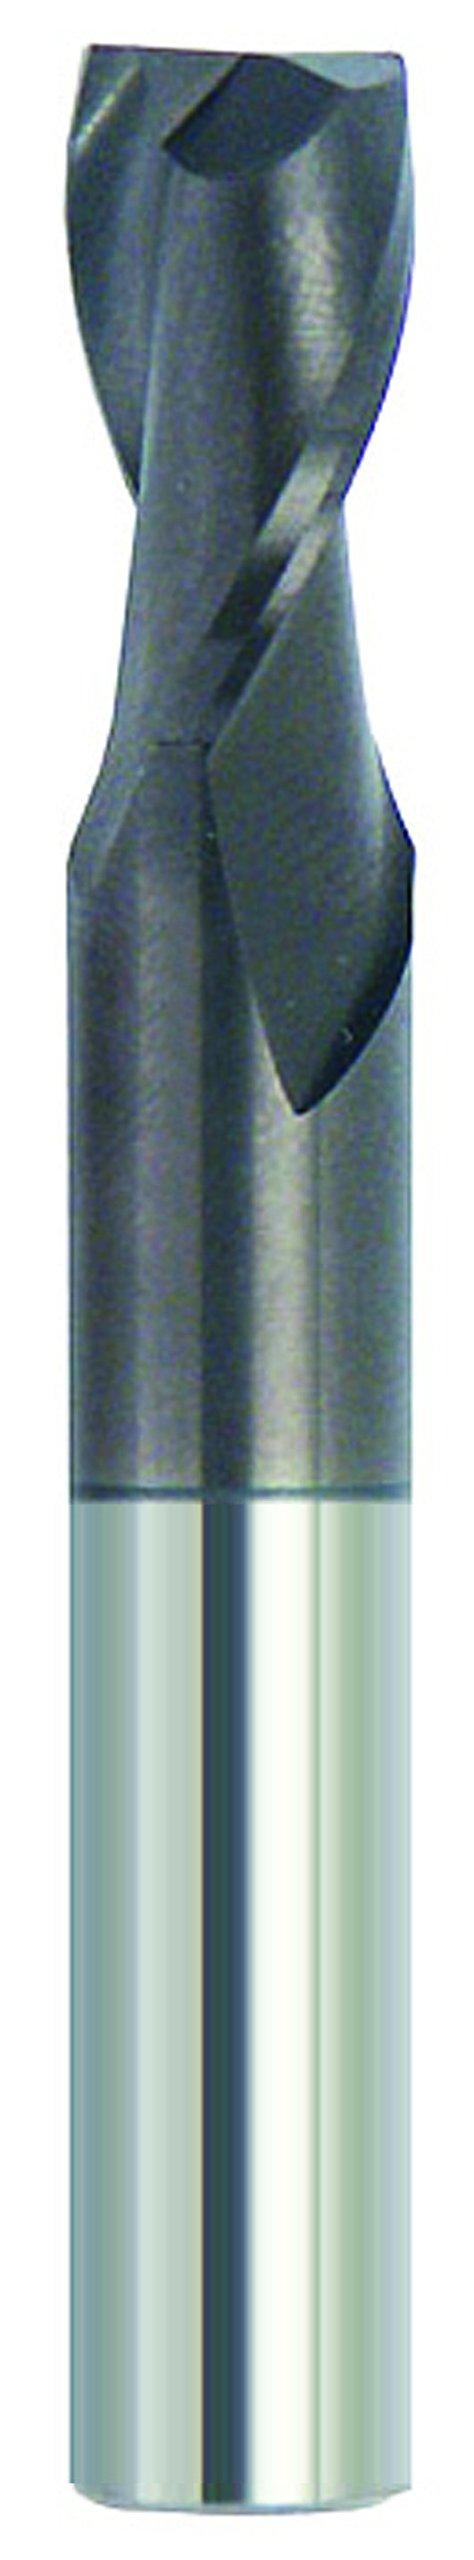 Finecut Tool FT1902032A AlTiN Coated 2-Flute Square USA Made Endmill, 1/4'' DIA, 3/4'' LOC, 1/4'' SH, 2-1/2'' OAL